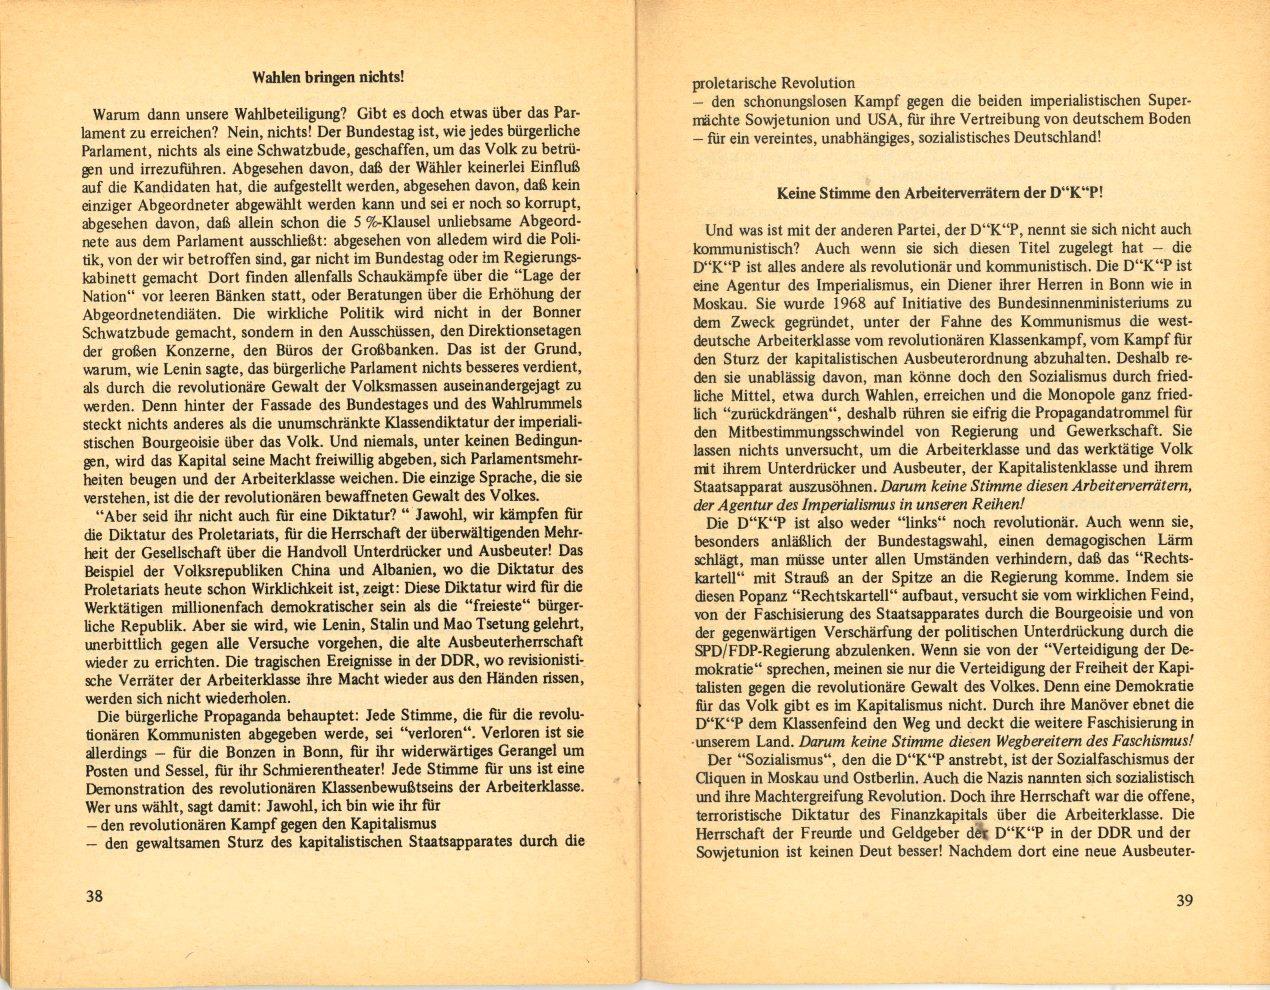 KBW_Materialien_zur_Auseinandersetzung_in_der_mlB_1976_21